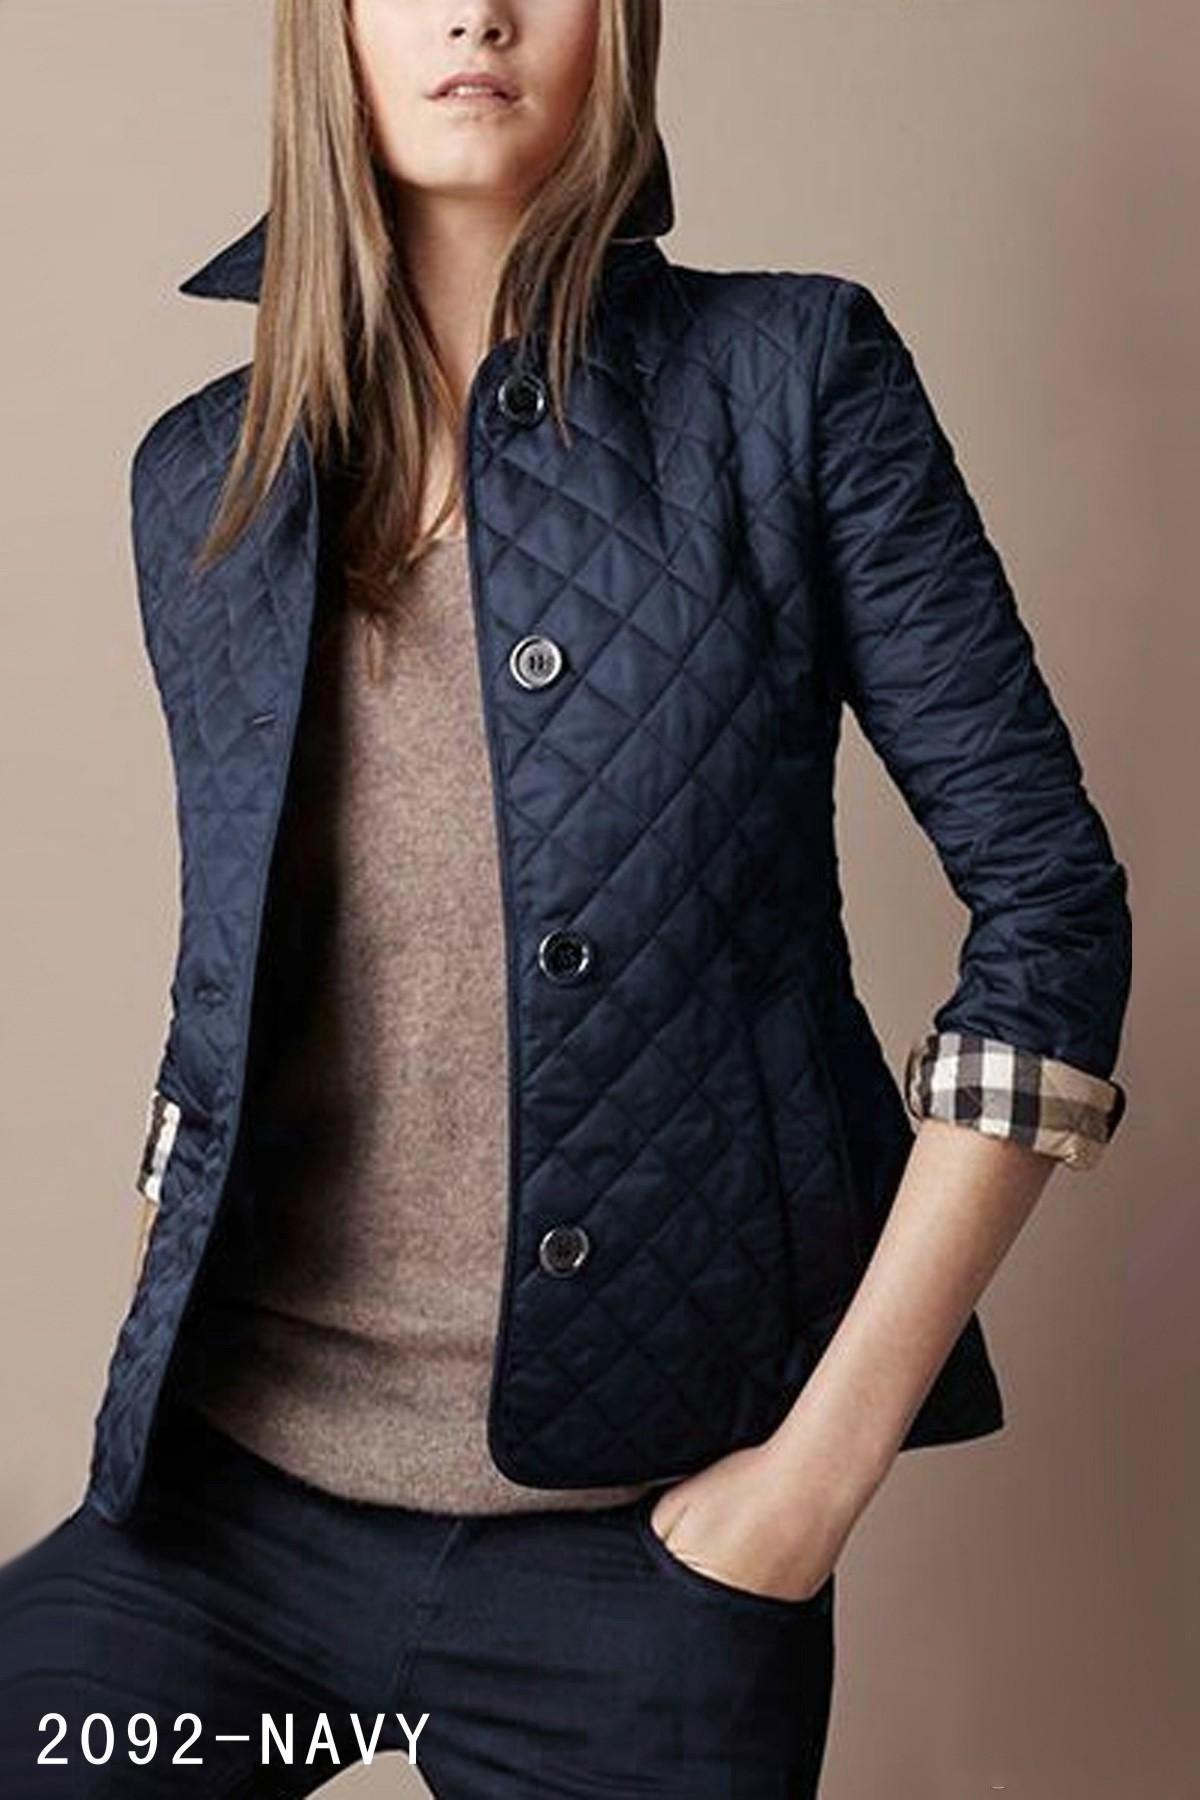 Dünne Hochwertige Klassische Marke S Mantel Designer Für England Jacke Daunenjacke Kurze Damenmode Größe Xxl Ski Frauen Gefütterte Baumwolle Hot BoexCd